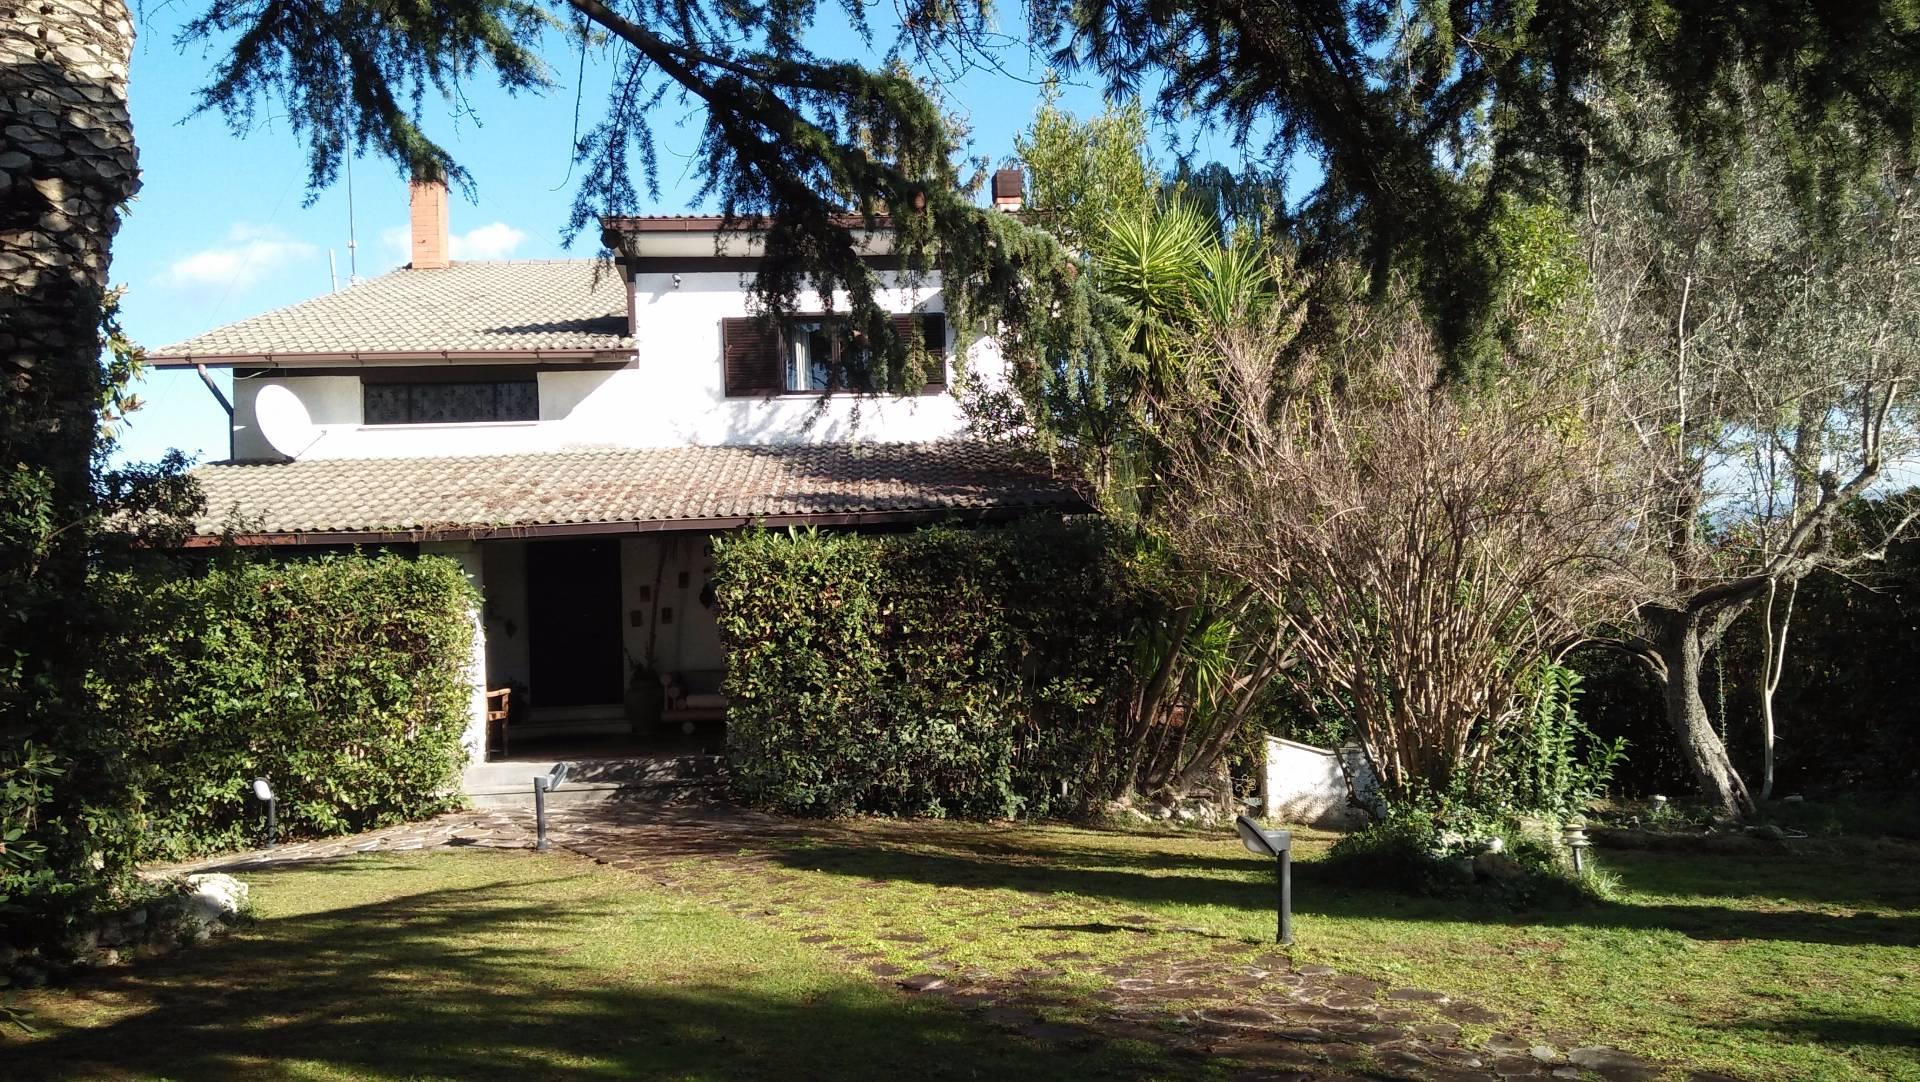 Villa in vendita a Mentana, 14 locali, zona Zona: Casali, prezzo € 490.000   CambioCasa.it